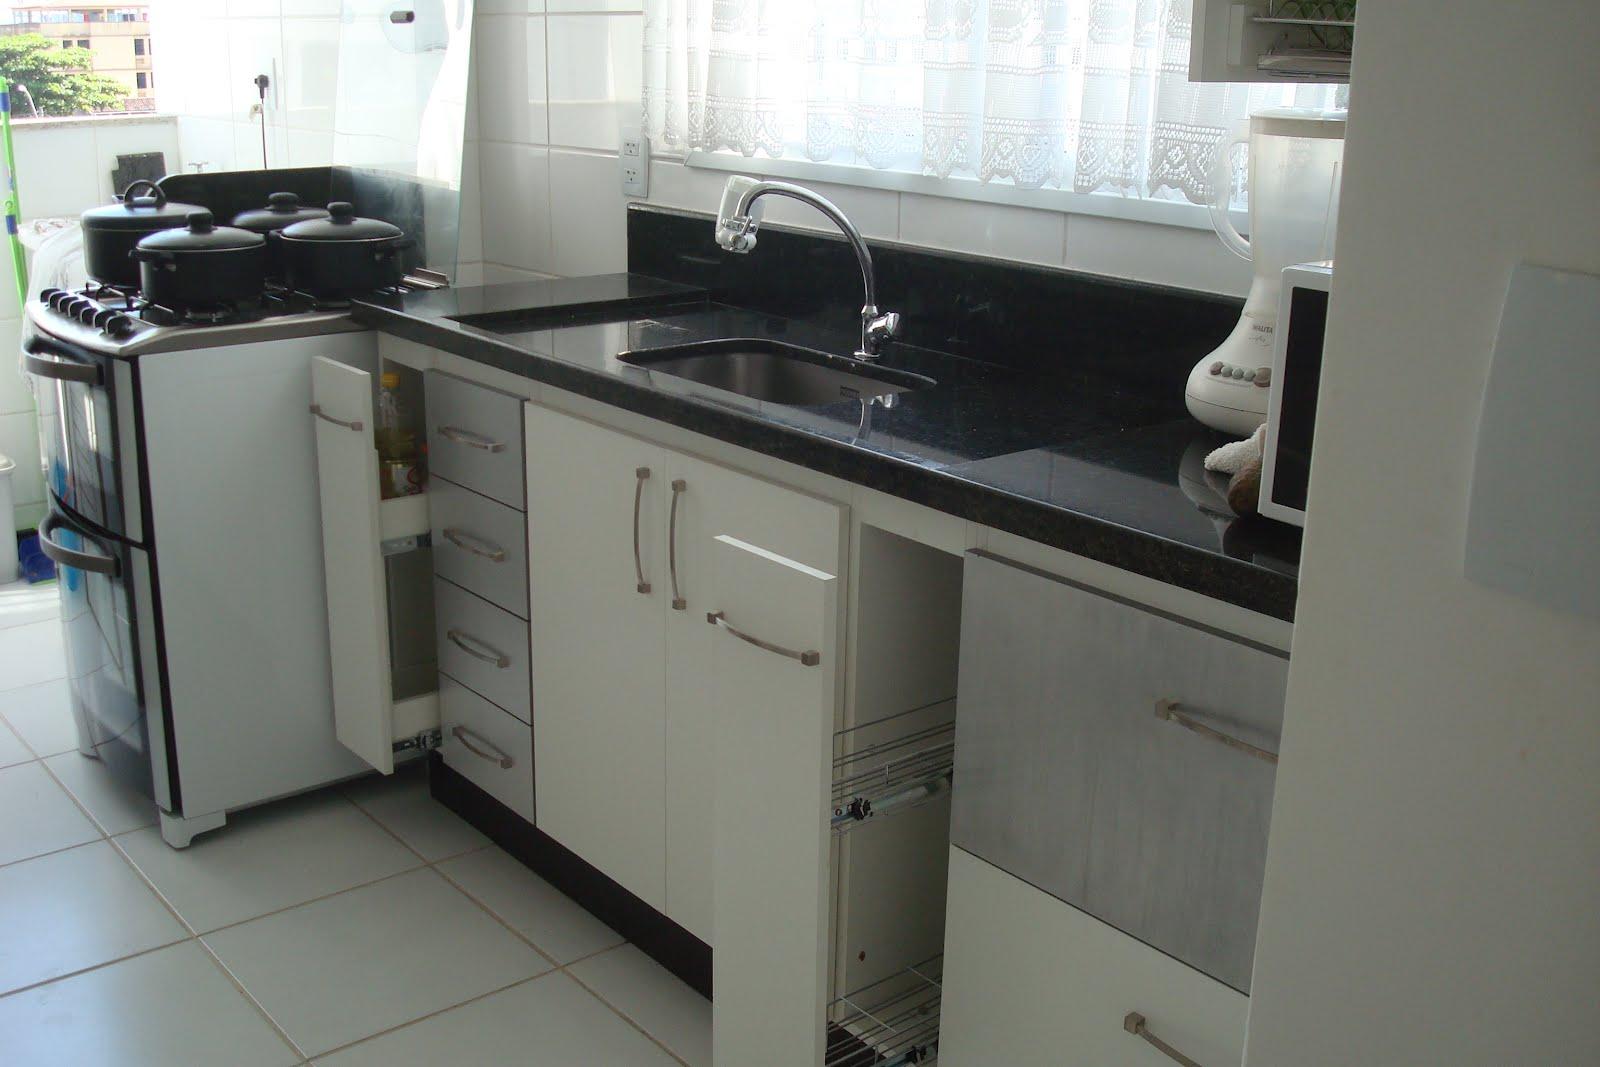 #6A7853 projeto de cozinha planejada em mdf 1600x1067 px Projetos De Cozinha Mdf #365 imagens